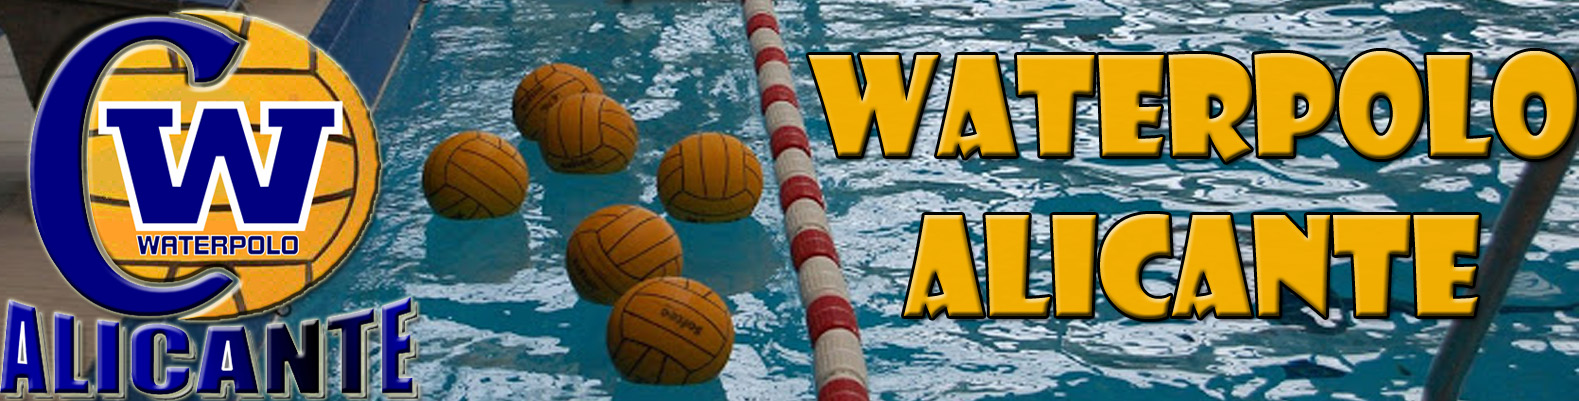 Club Waterpolo Alicante